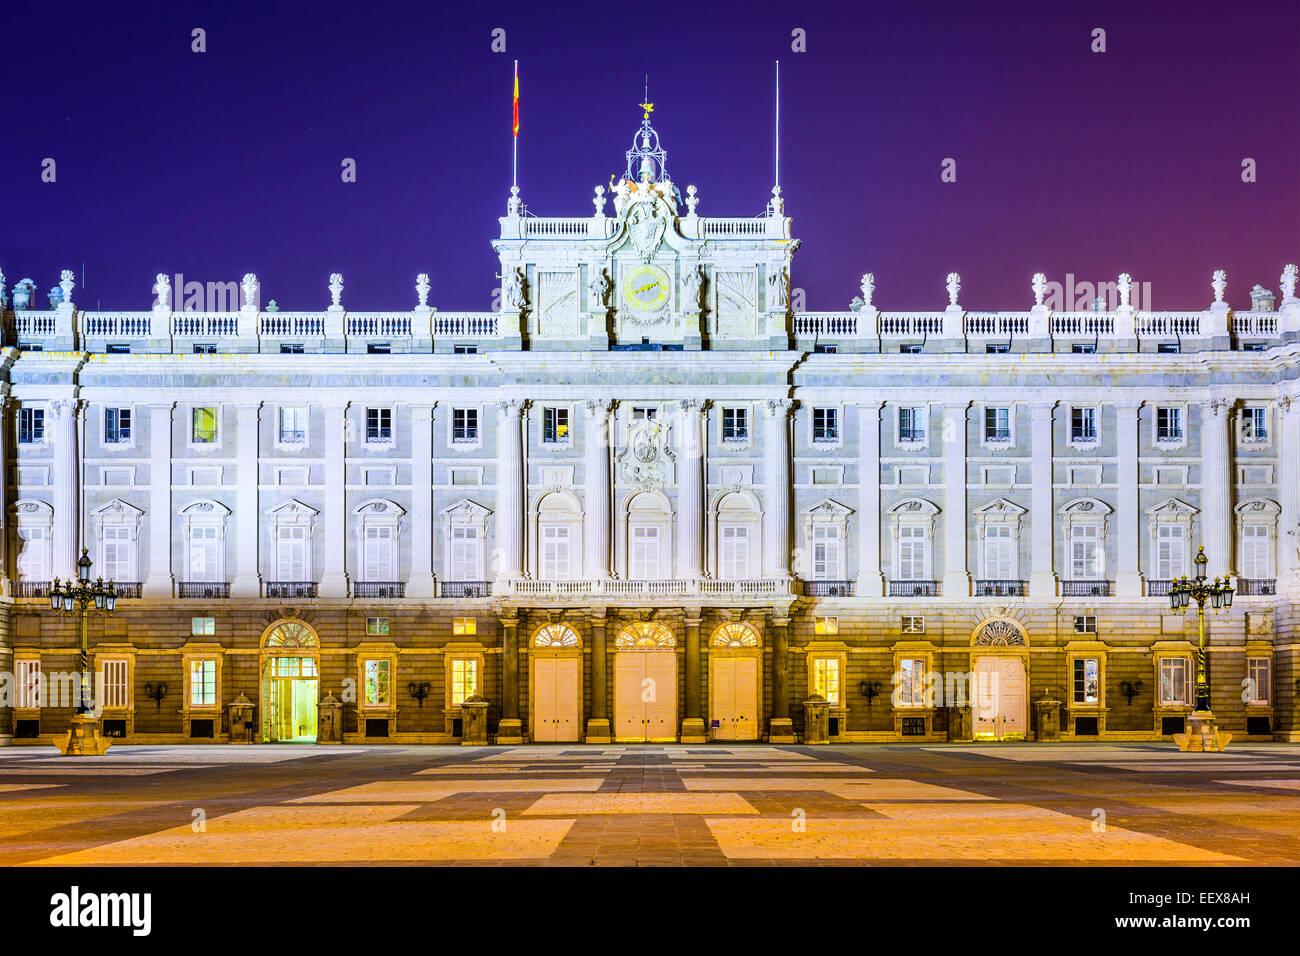 Madrid, Spain at the Royal Palace at night. - Stock Image